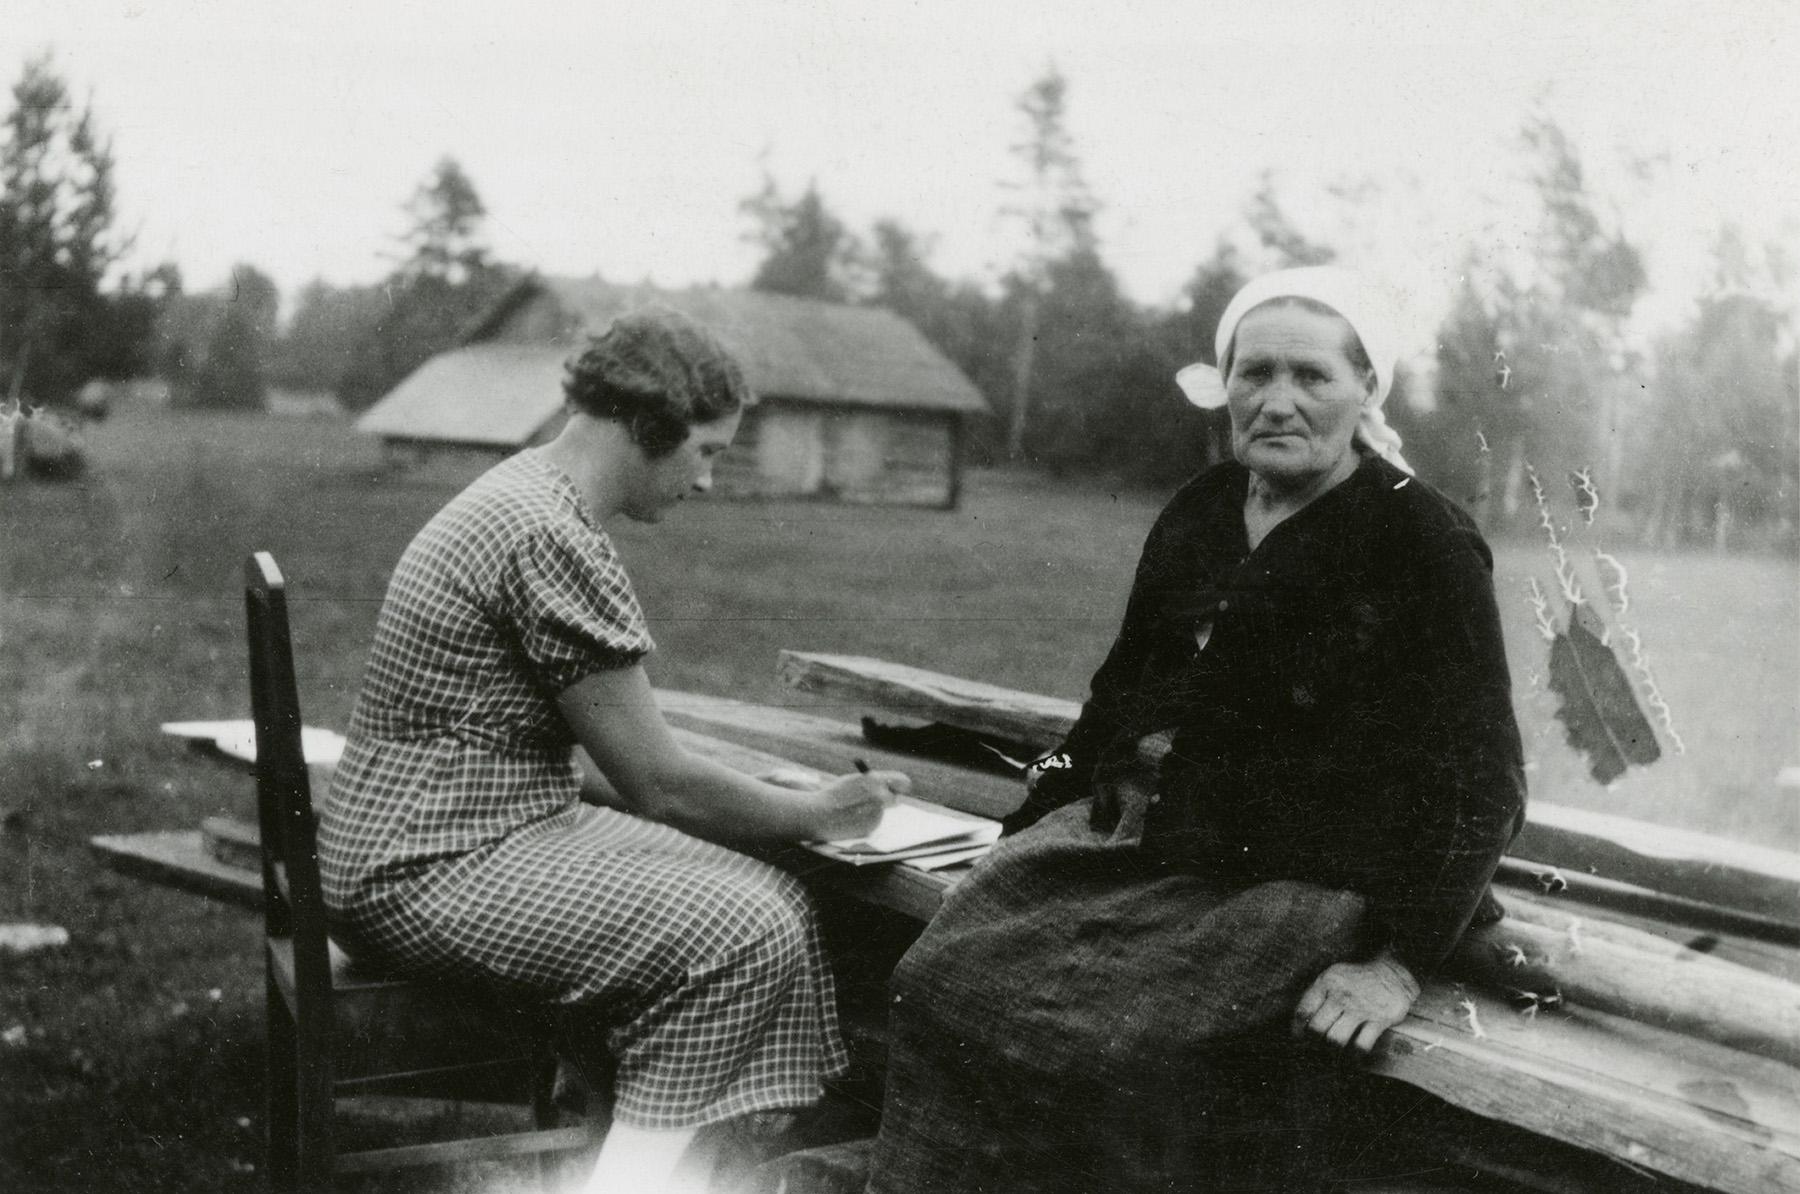 Kansanrunoudentutkija Elsa Enäjärvi-Haavio kirjoittaa perinnettä muistiin vuonna 1936. Haastateltavana hänellä on inkerikko Anna Kivisoo. Kuva SKS KRA, Topografinen kuvakokoelma. CC BY 4.0